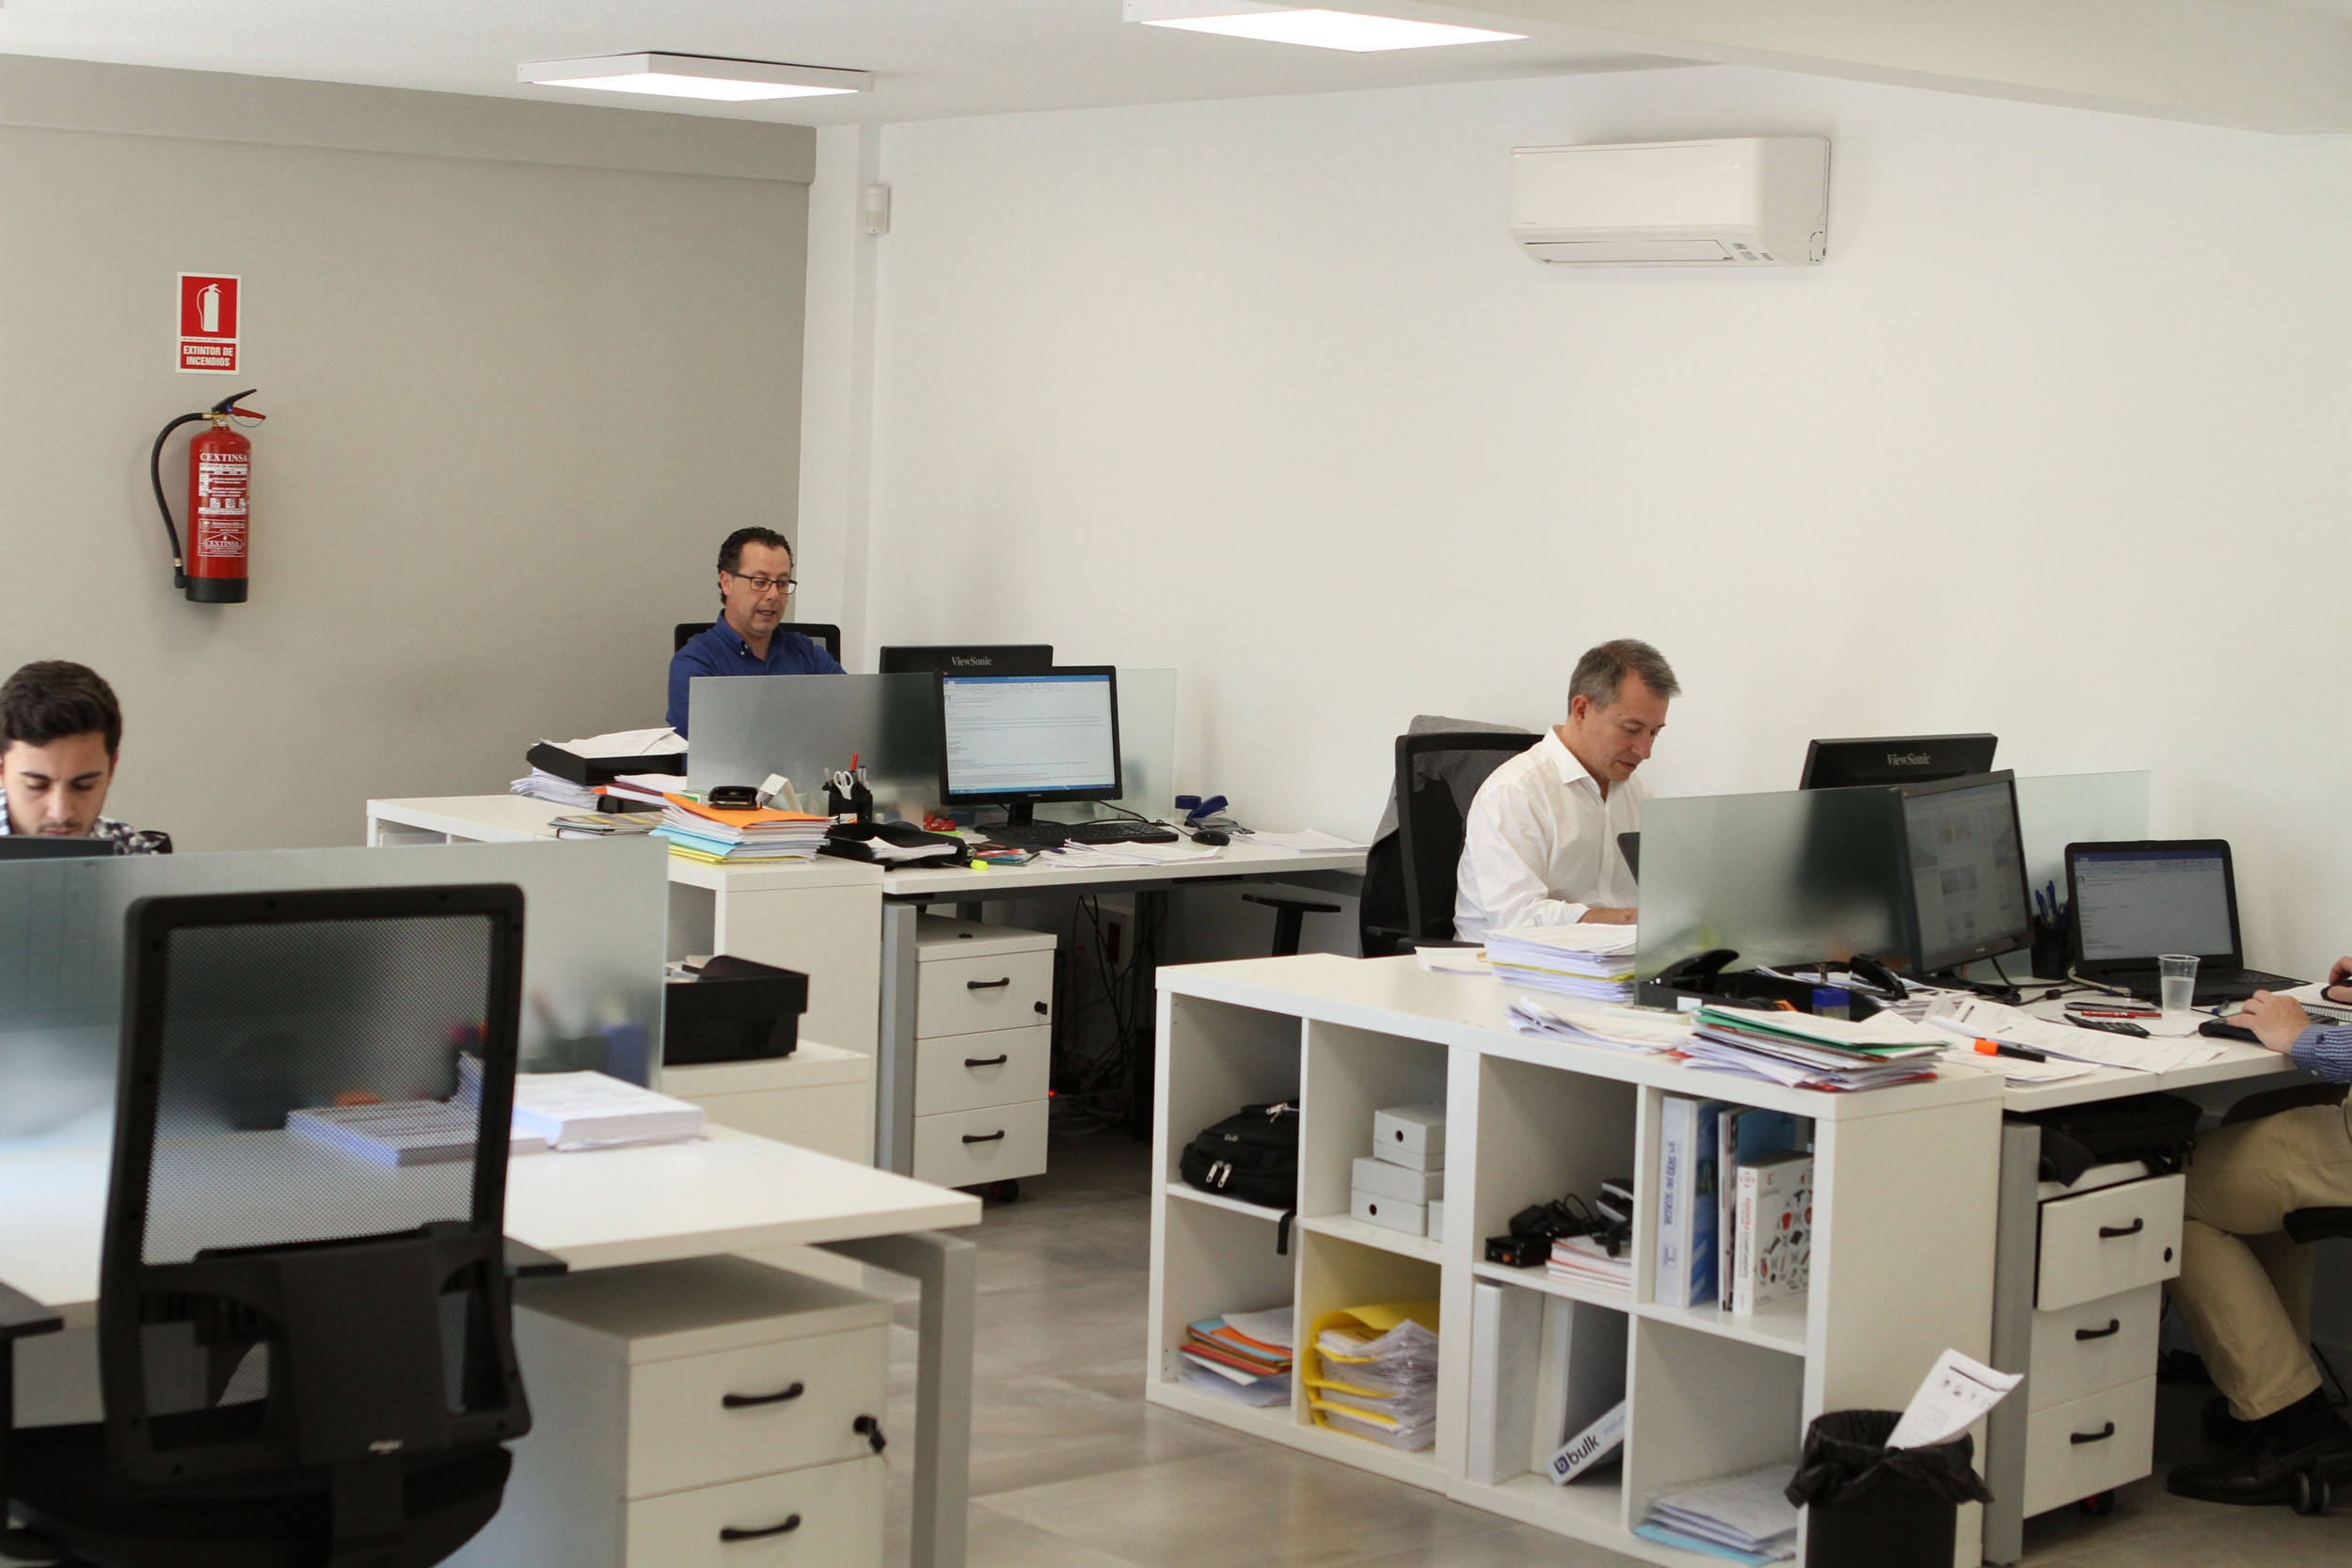 Oficina COMAPLE